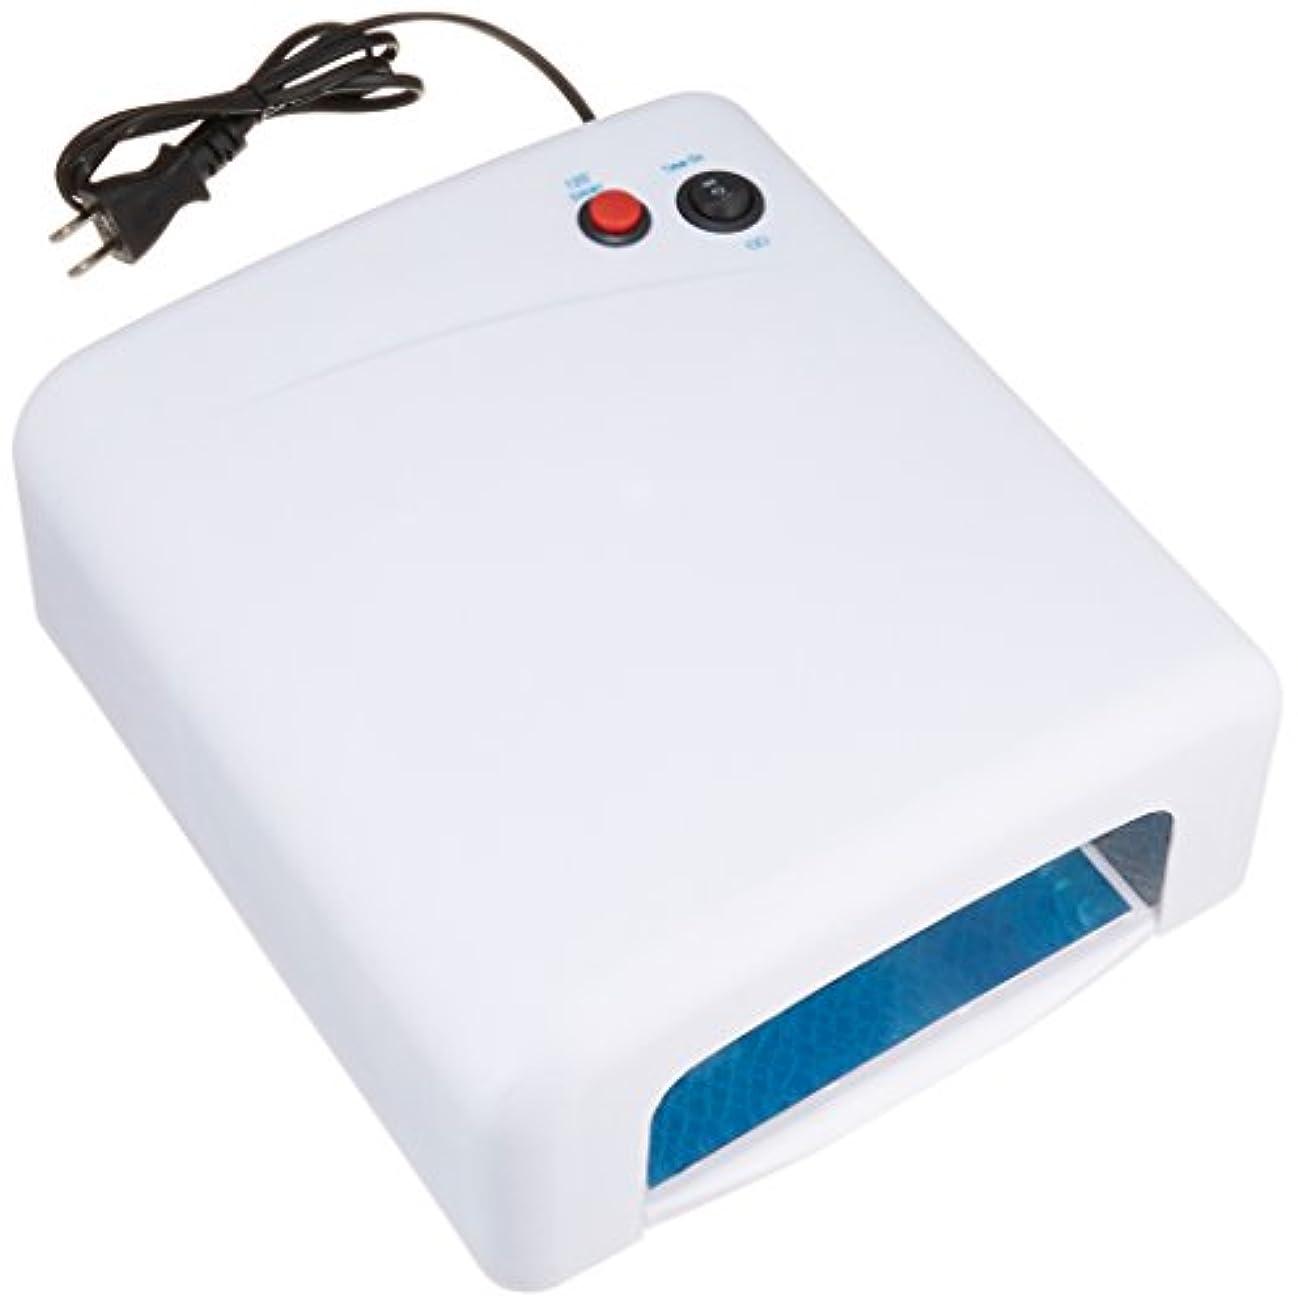 冷蔵庫よろしくキャプテンブライノーブランド品 UVライト 36W ホワイト 取扱説明書付き